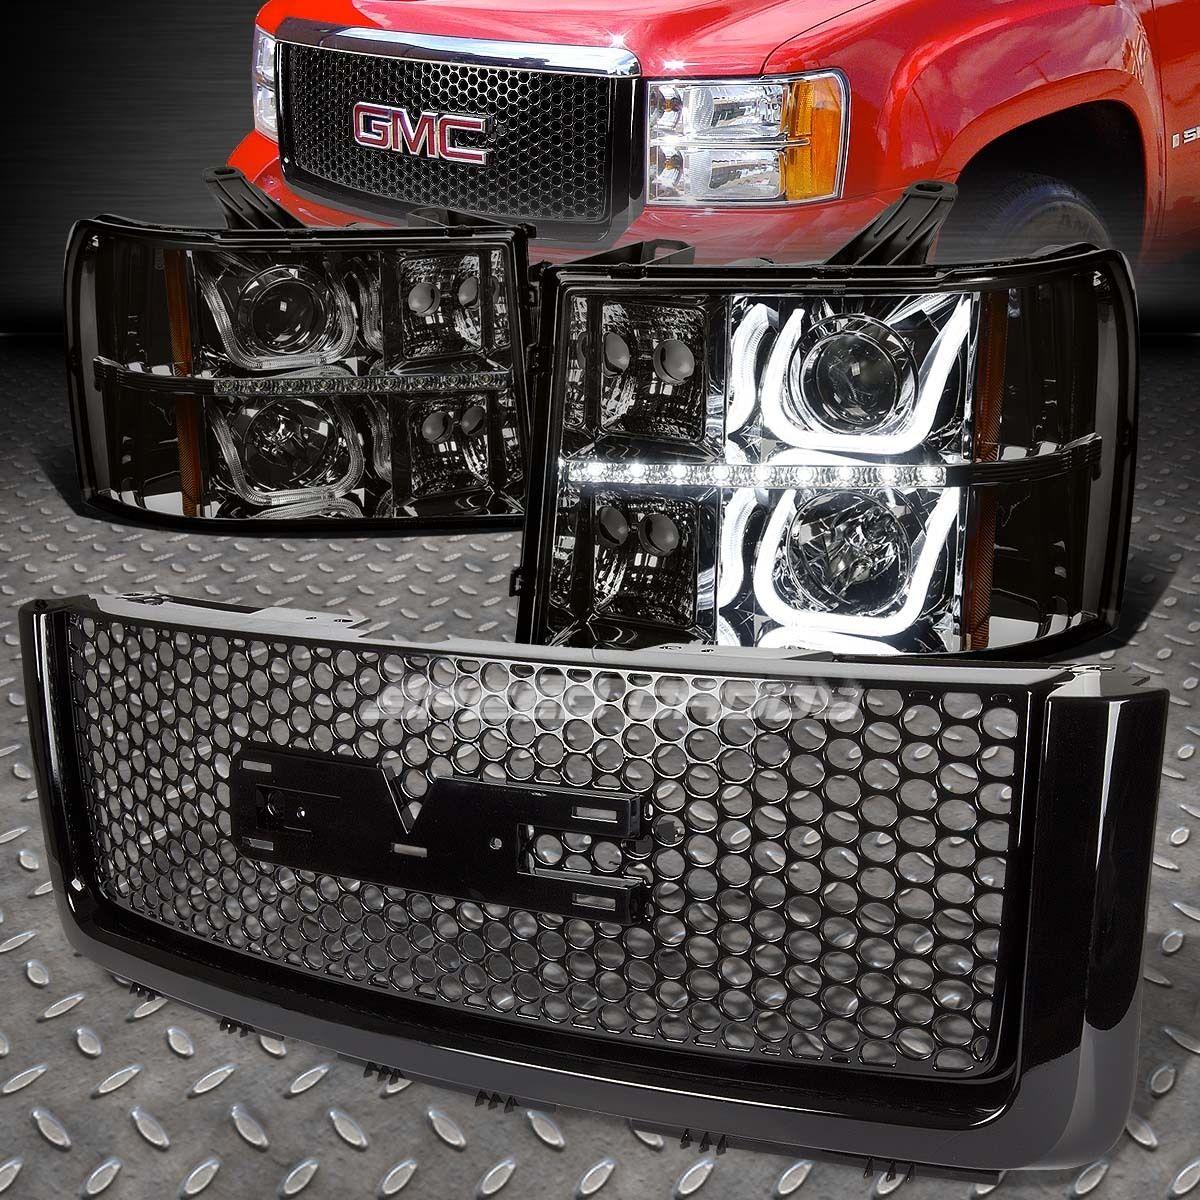 グリル SMOKEハロープロジェクターヘッドライト+ BUMP ER信号+ LED +ログ 07 + SIERRA用グリルガード SMOKE HALO PROJECTOR HEADLIGHT+BUMPER SIGNAL+LED+LOGO GRILLE GUARD FOR 07+SIERRA